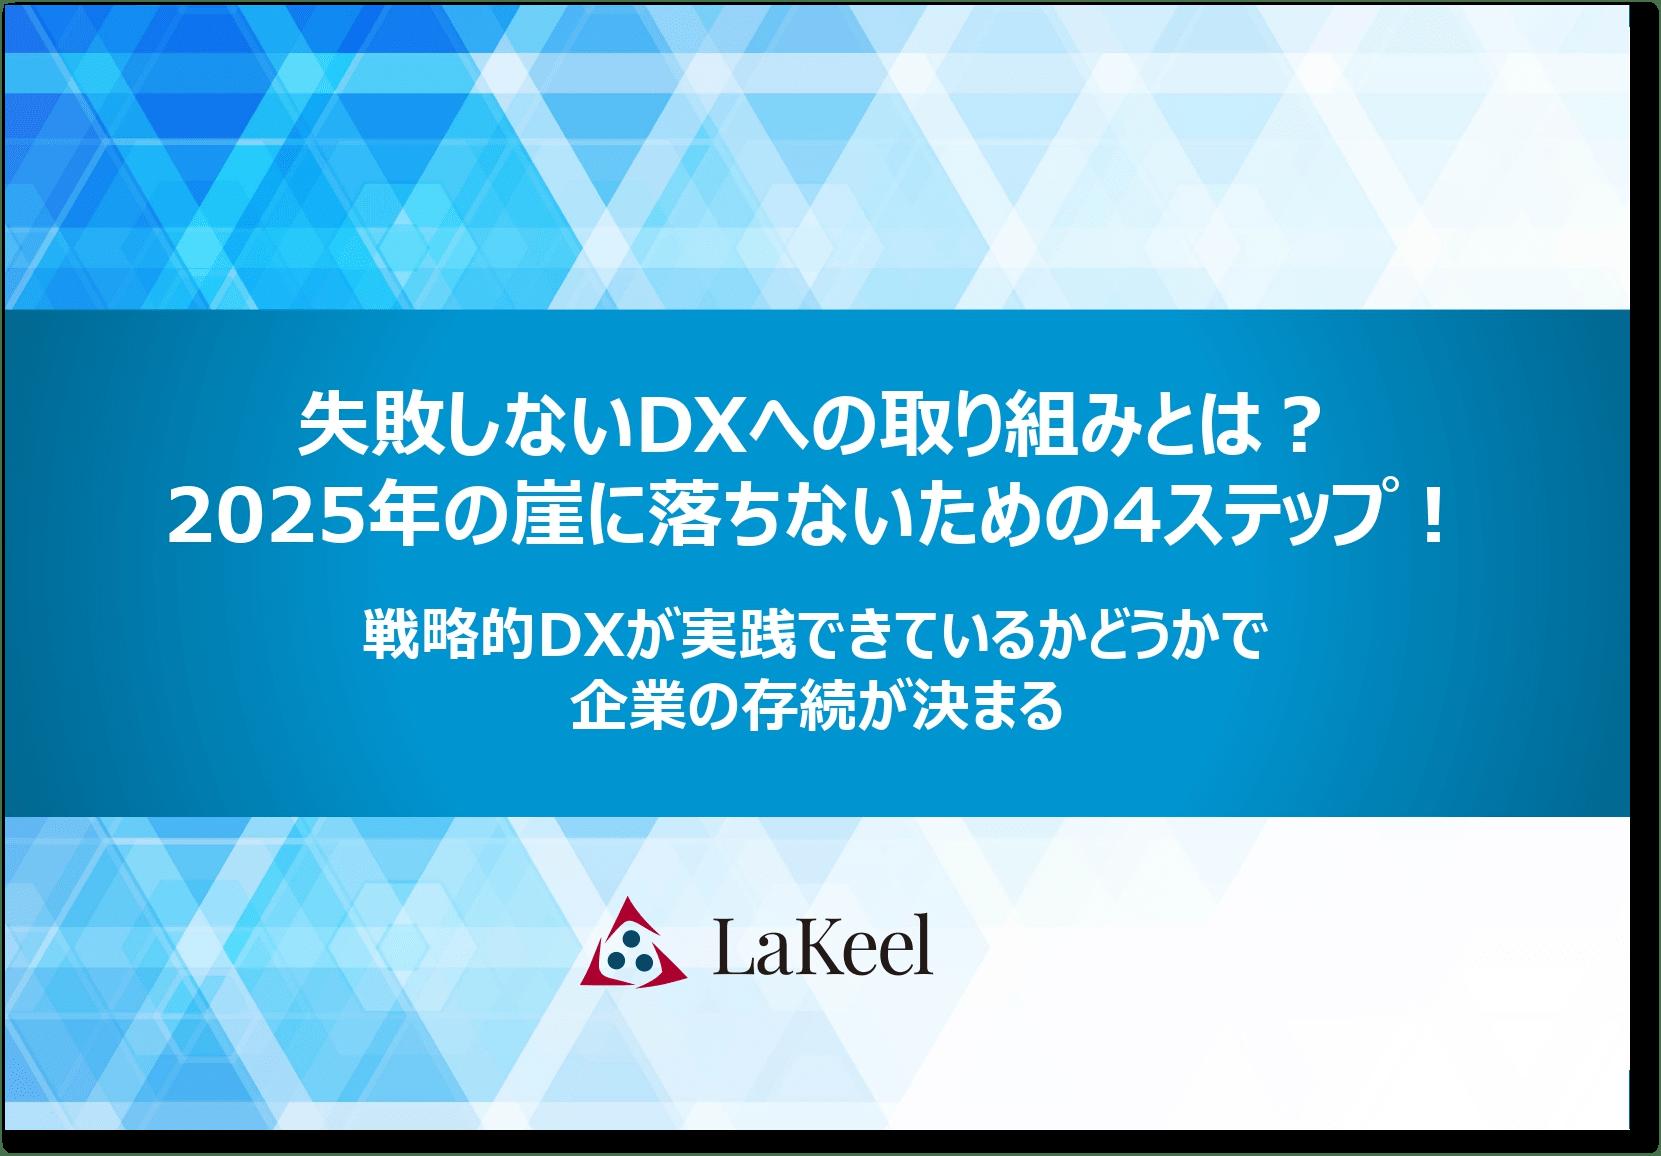 失敗しないDXへの取り組みとは︖<br>2025年の崖に落ちないための4ステップ︕